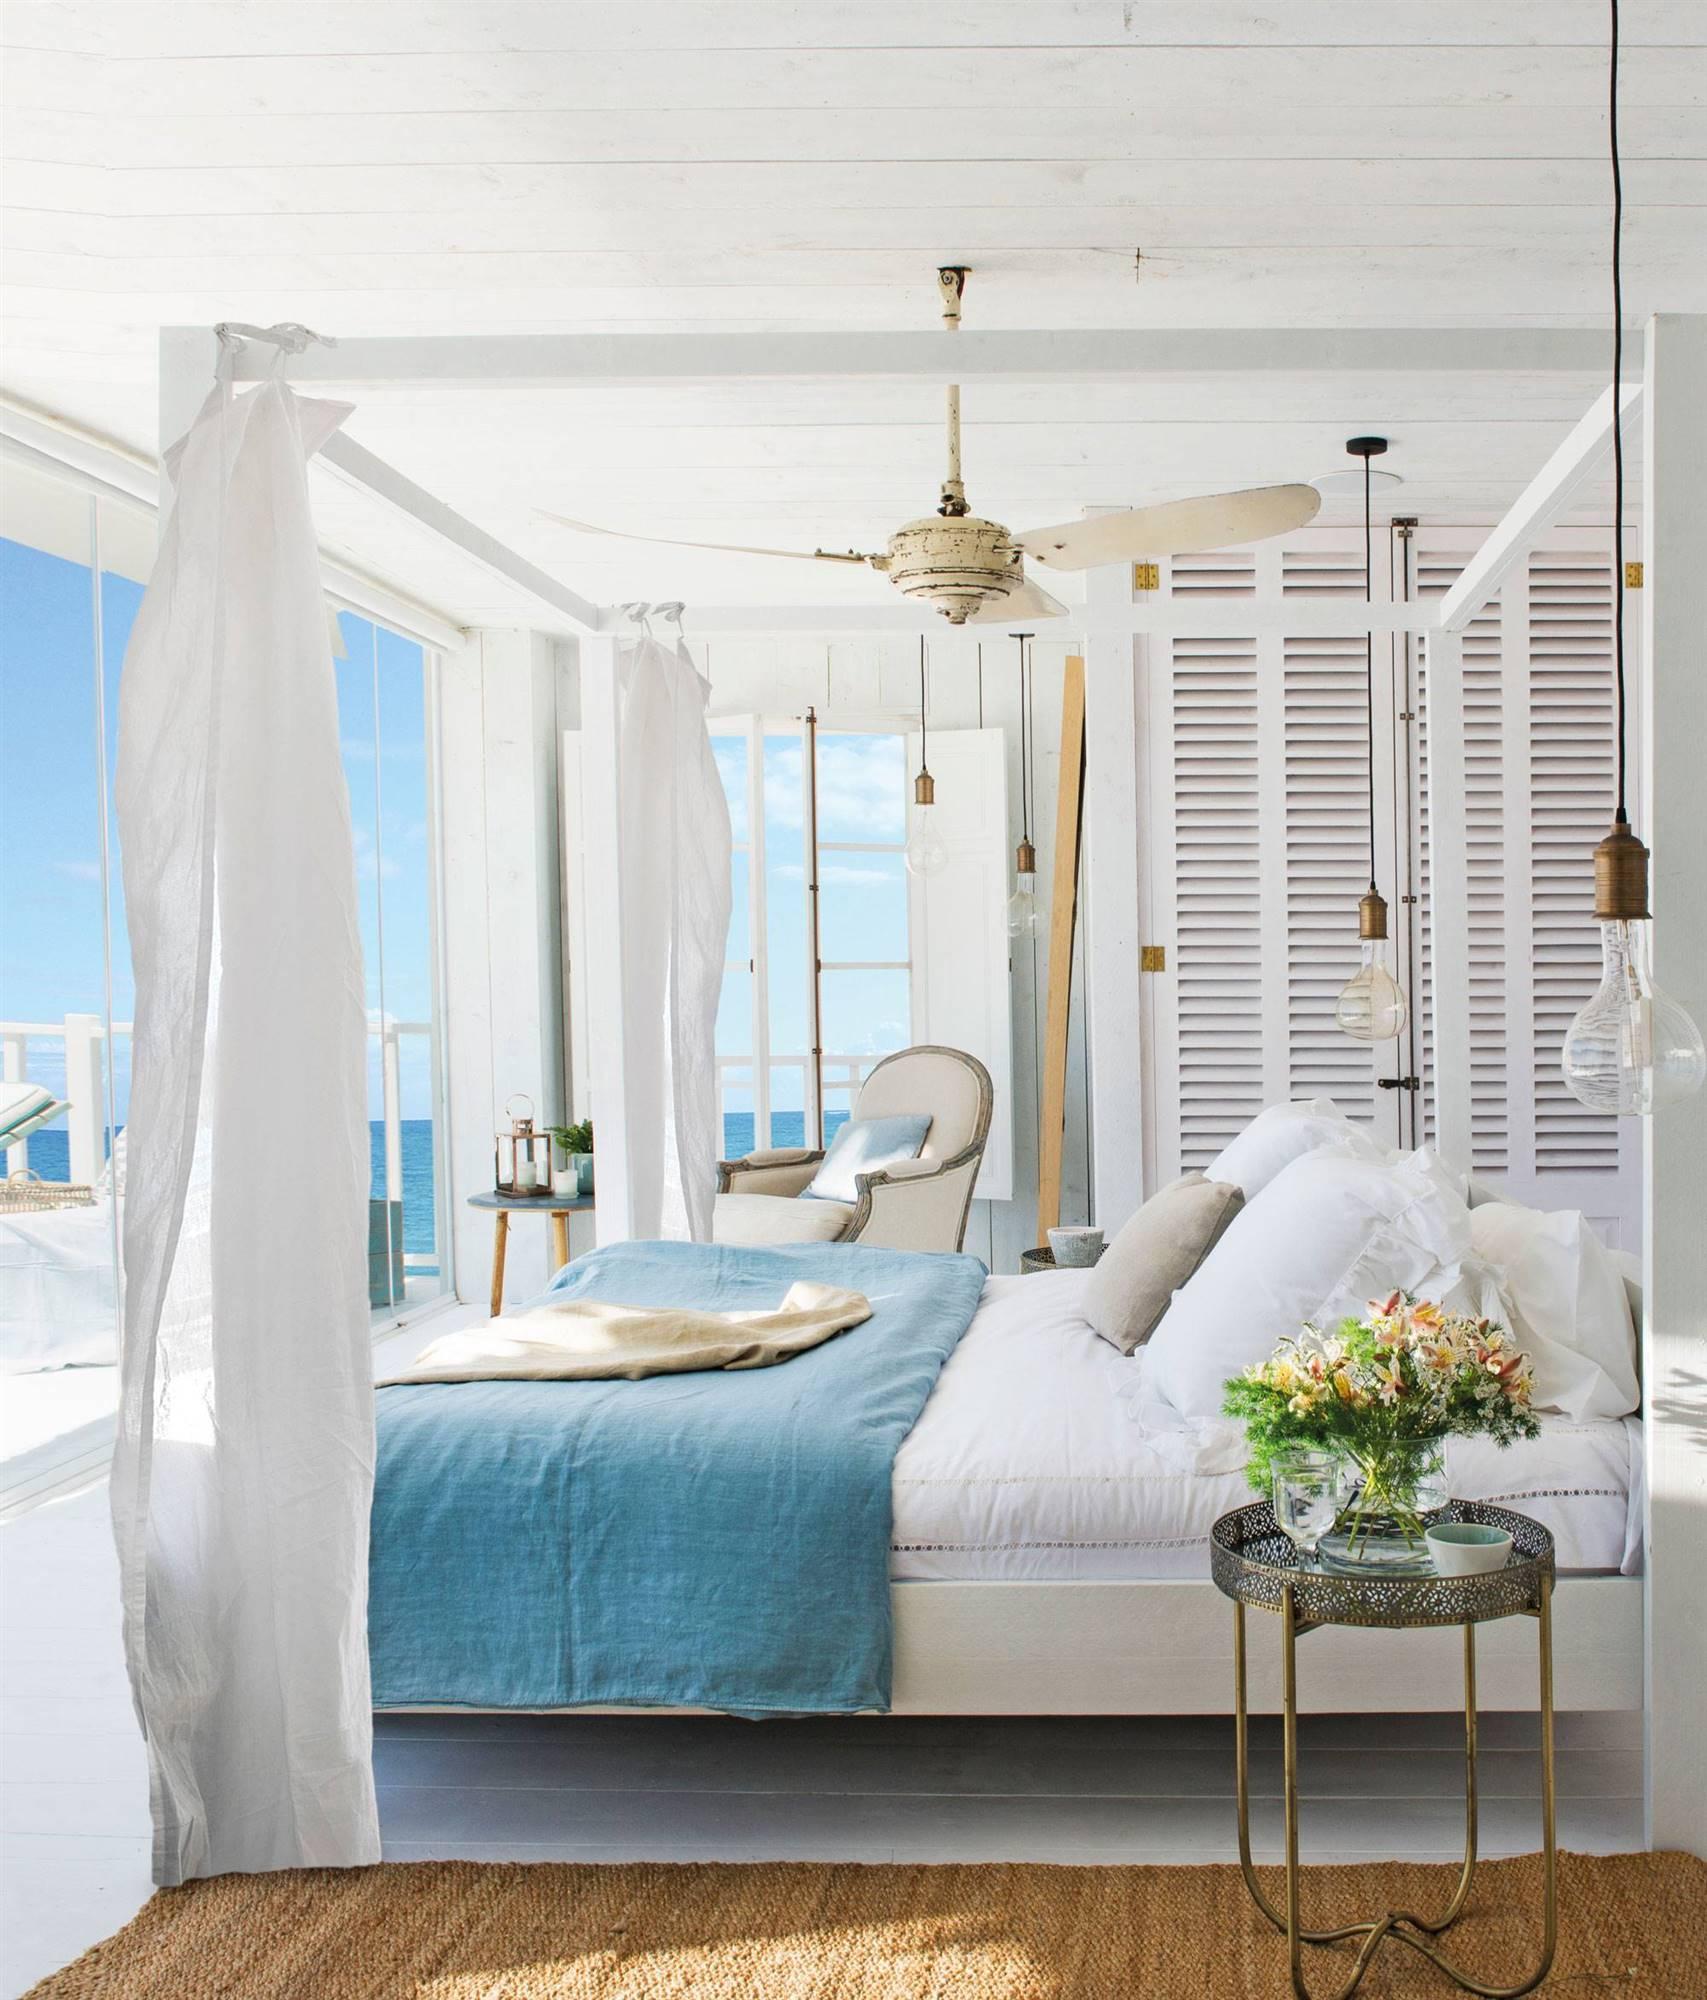 Dormitorios con terraza o balcón: 10 ideas para aprovecharlos mejor